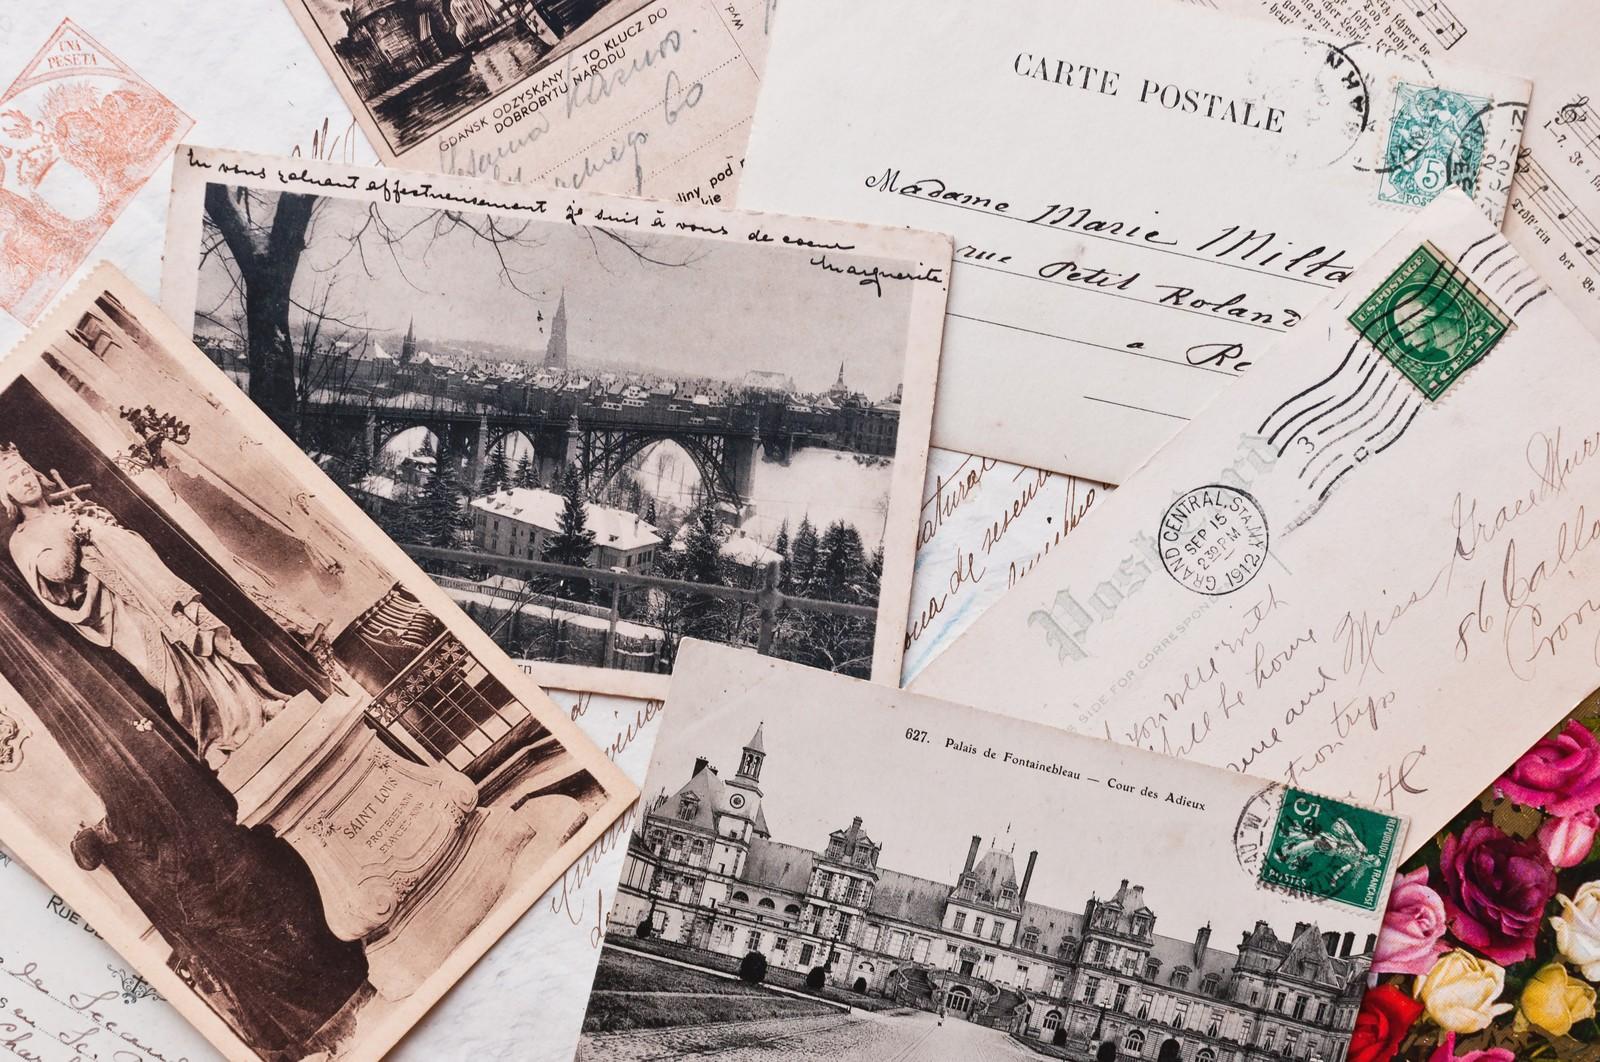 横長の郵便物ではどこに切手を貼る?